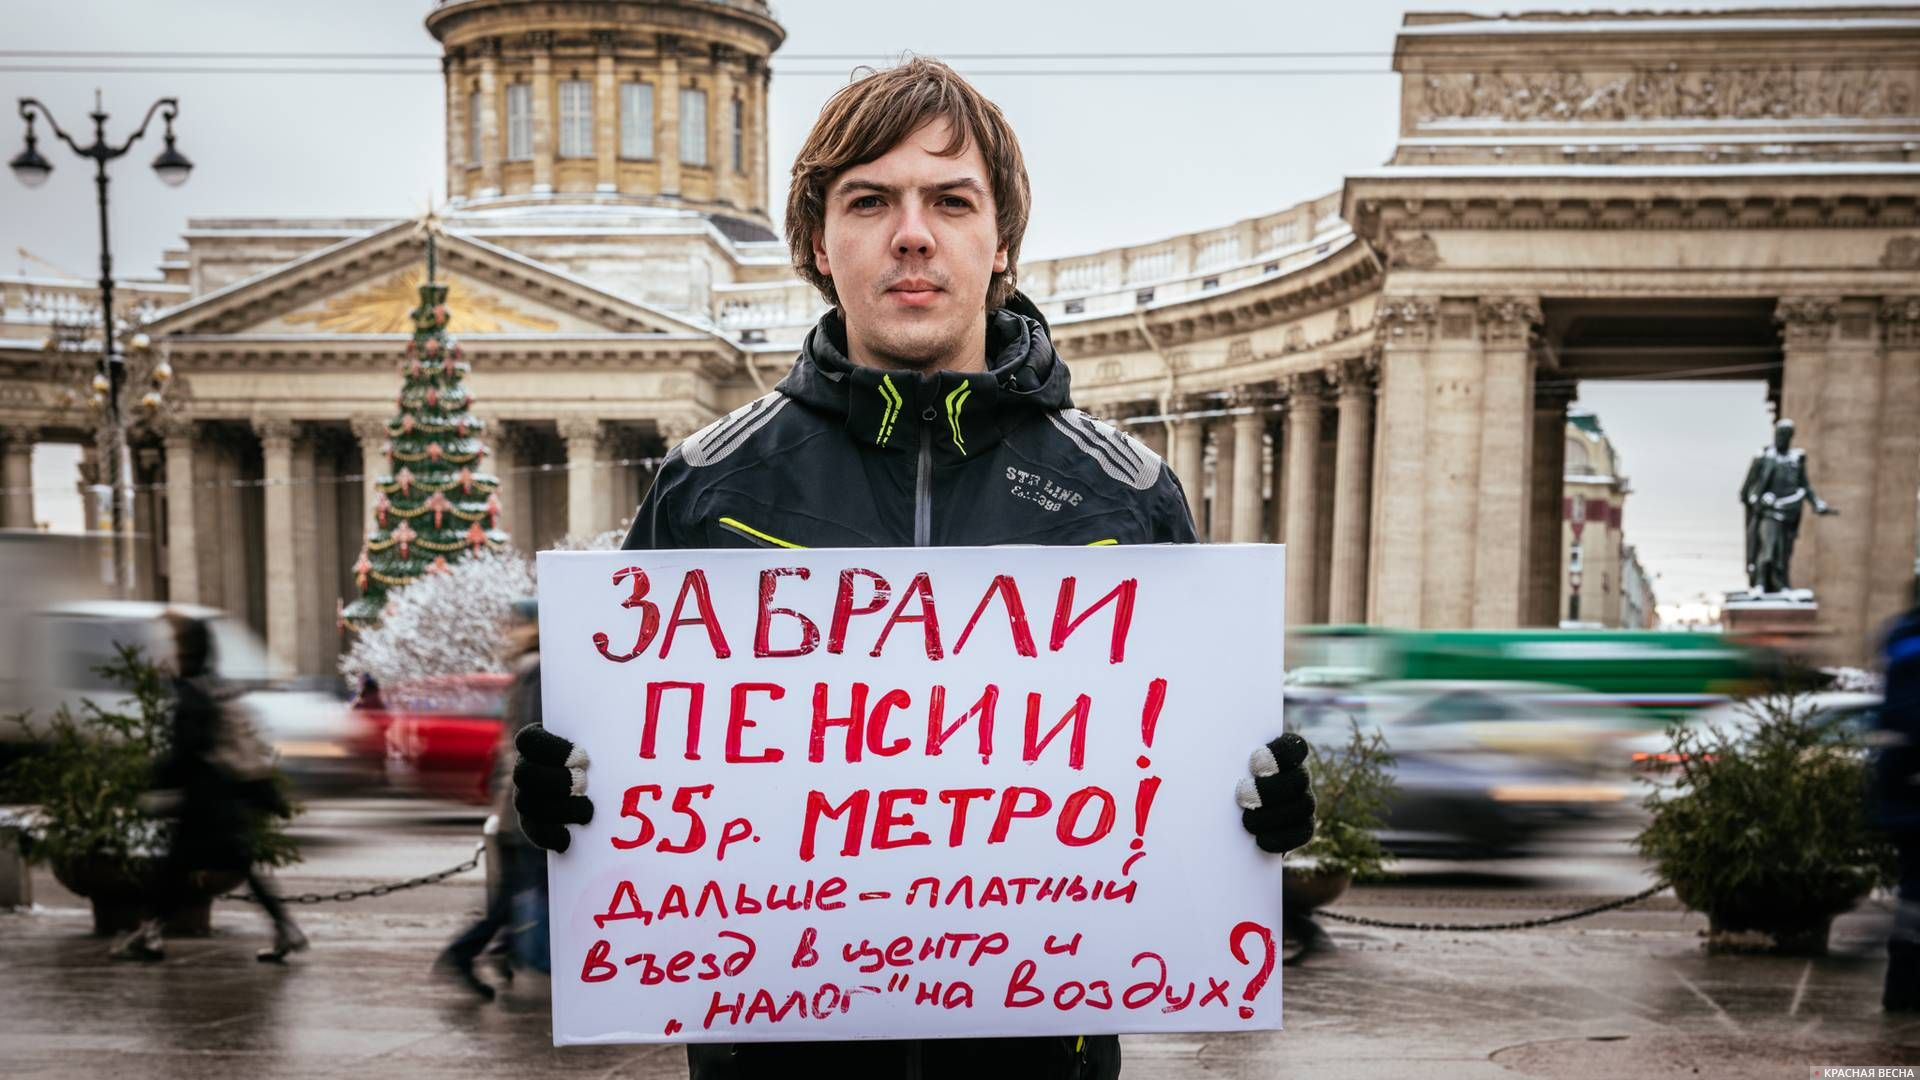 Пикет в Петербурге. 03.12.2019